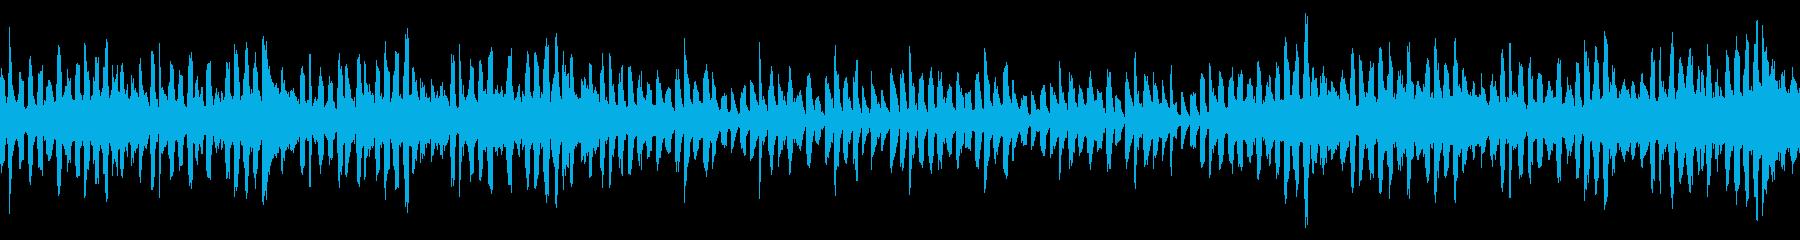 パズルゲームのタイトル画面/ループの再生済みの波形